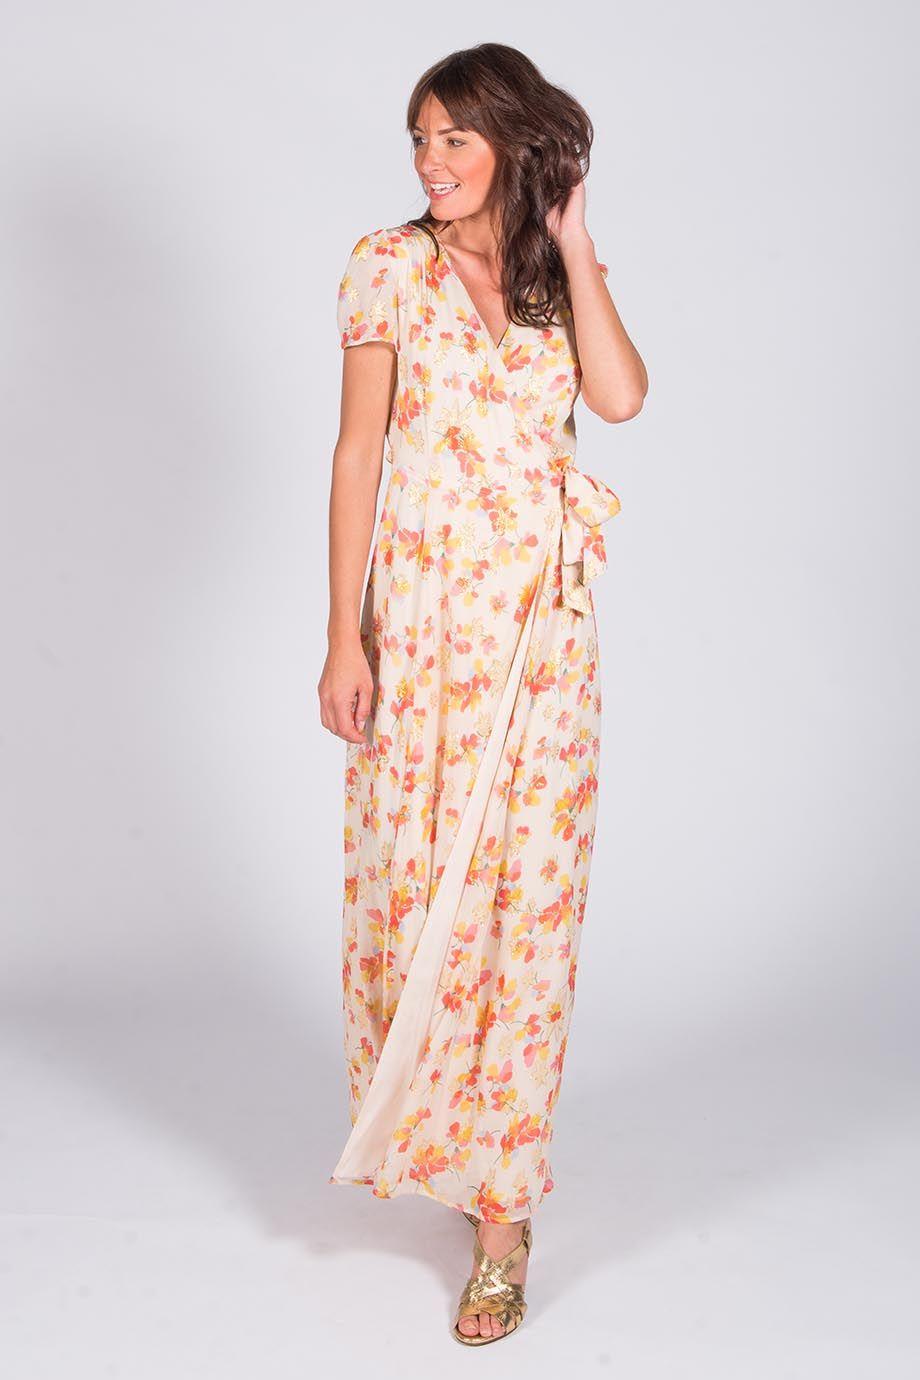 Superbe robe longue à motifs fleuris + dorés